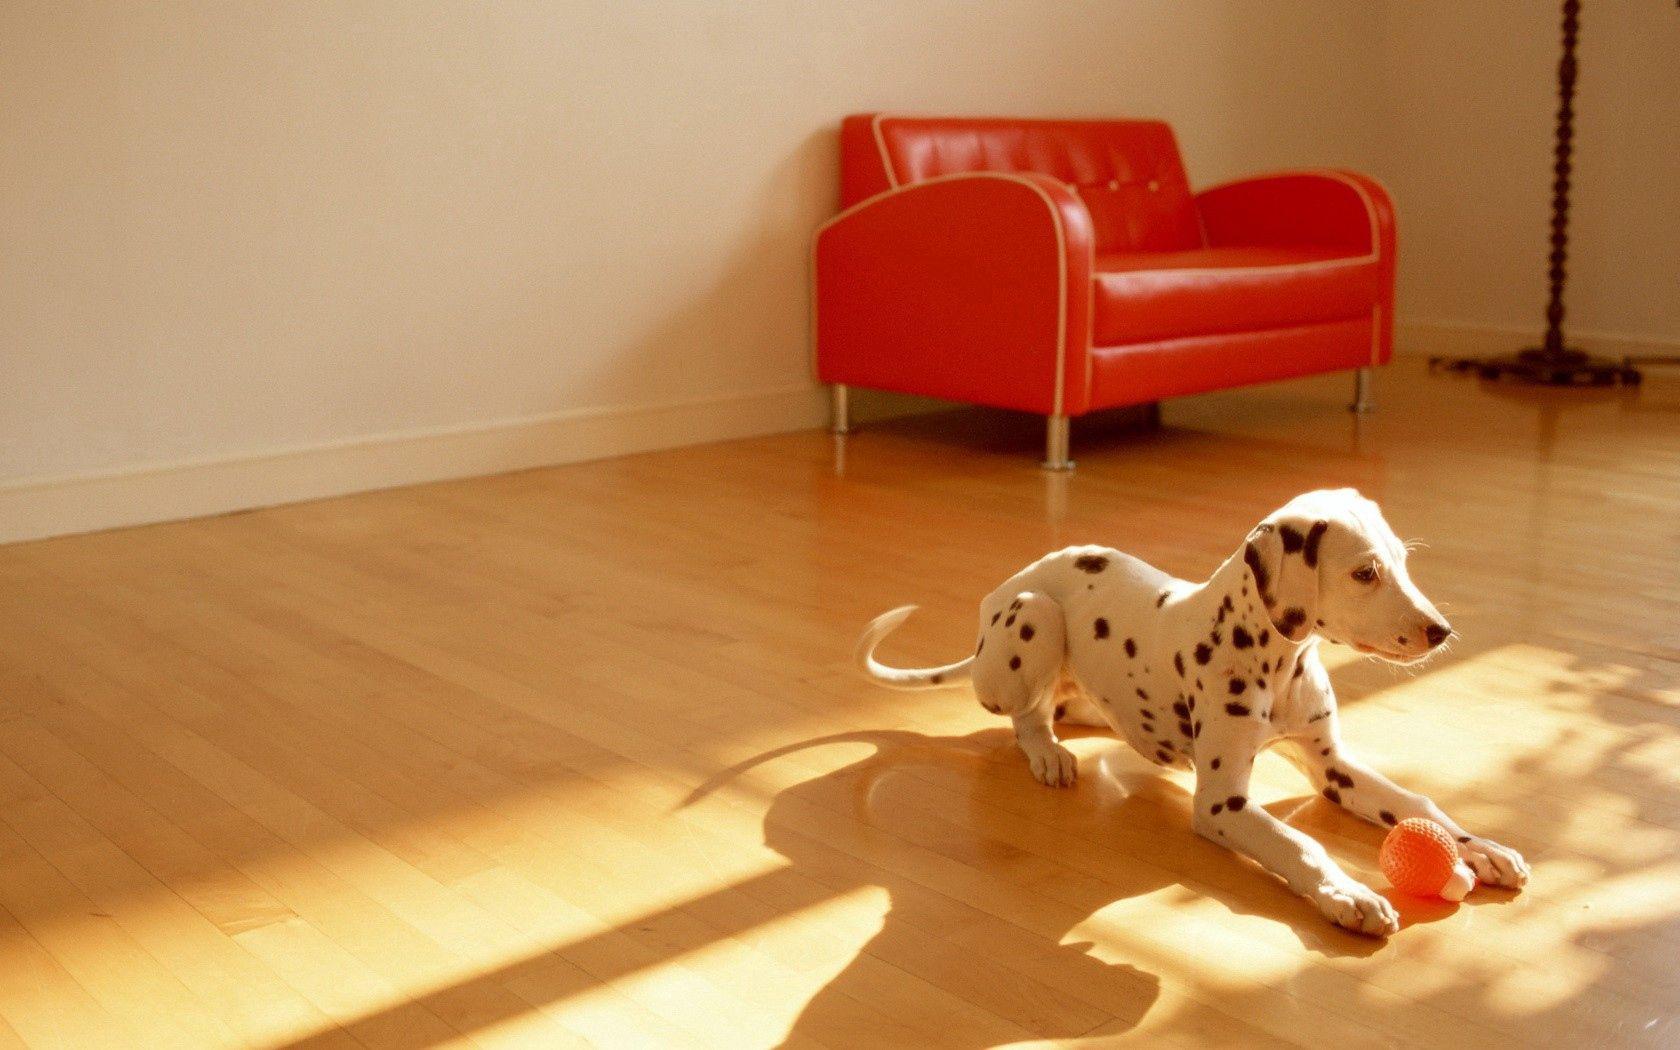 110443 скачать обои Животные, Далматинец, Собака, Комната, Пол, Мяч, Игрушка - заставки и картинки бесплатно